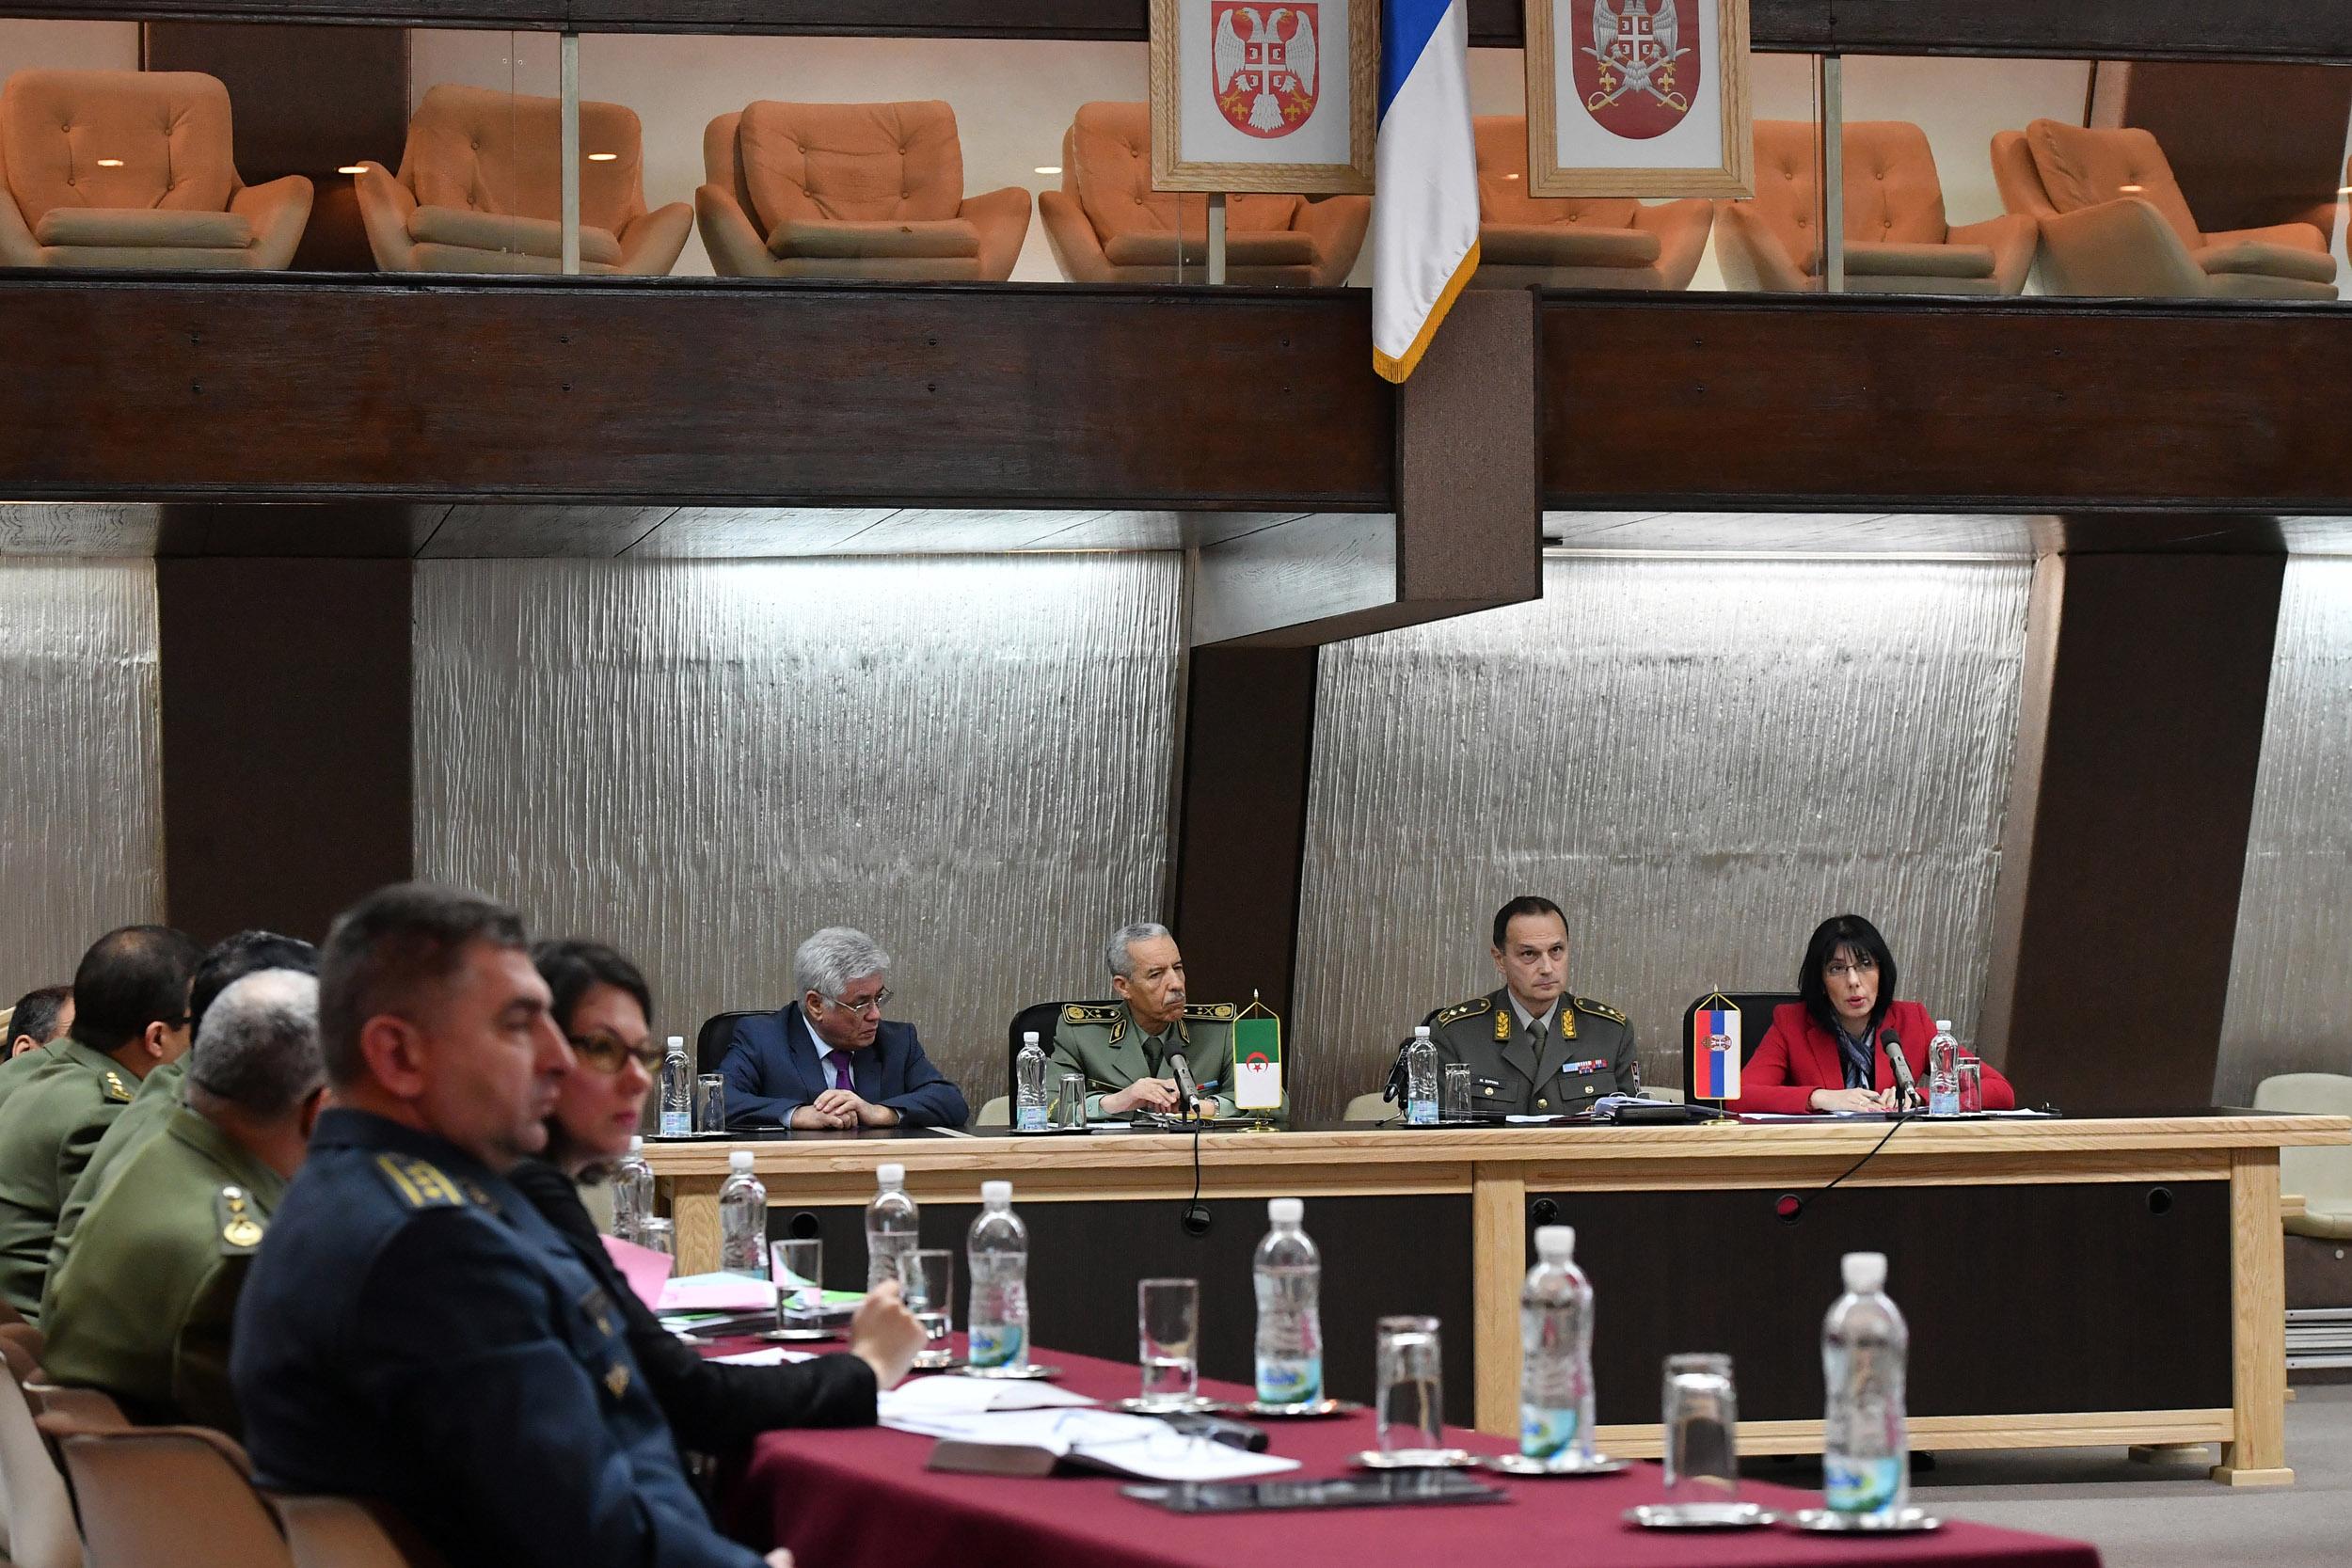 الجزائر : صلاحيات نائب وزير الدفاع الوطني - صفحة 21 Ban_1112_1519373114